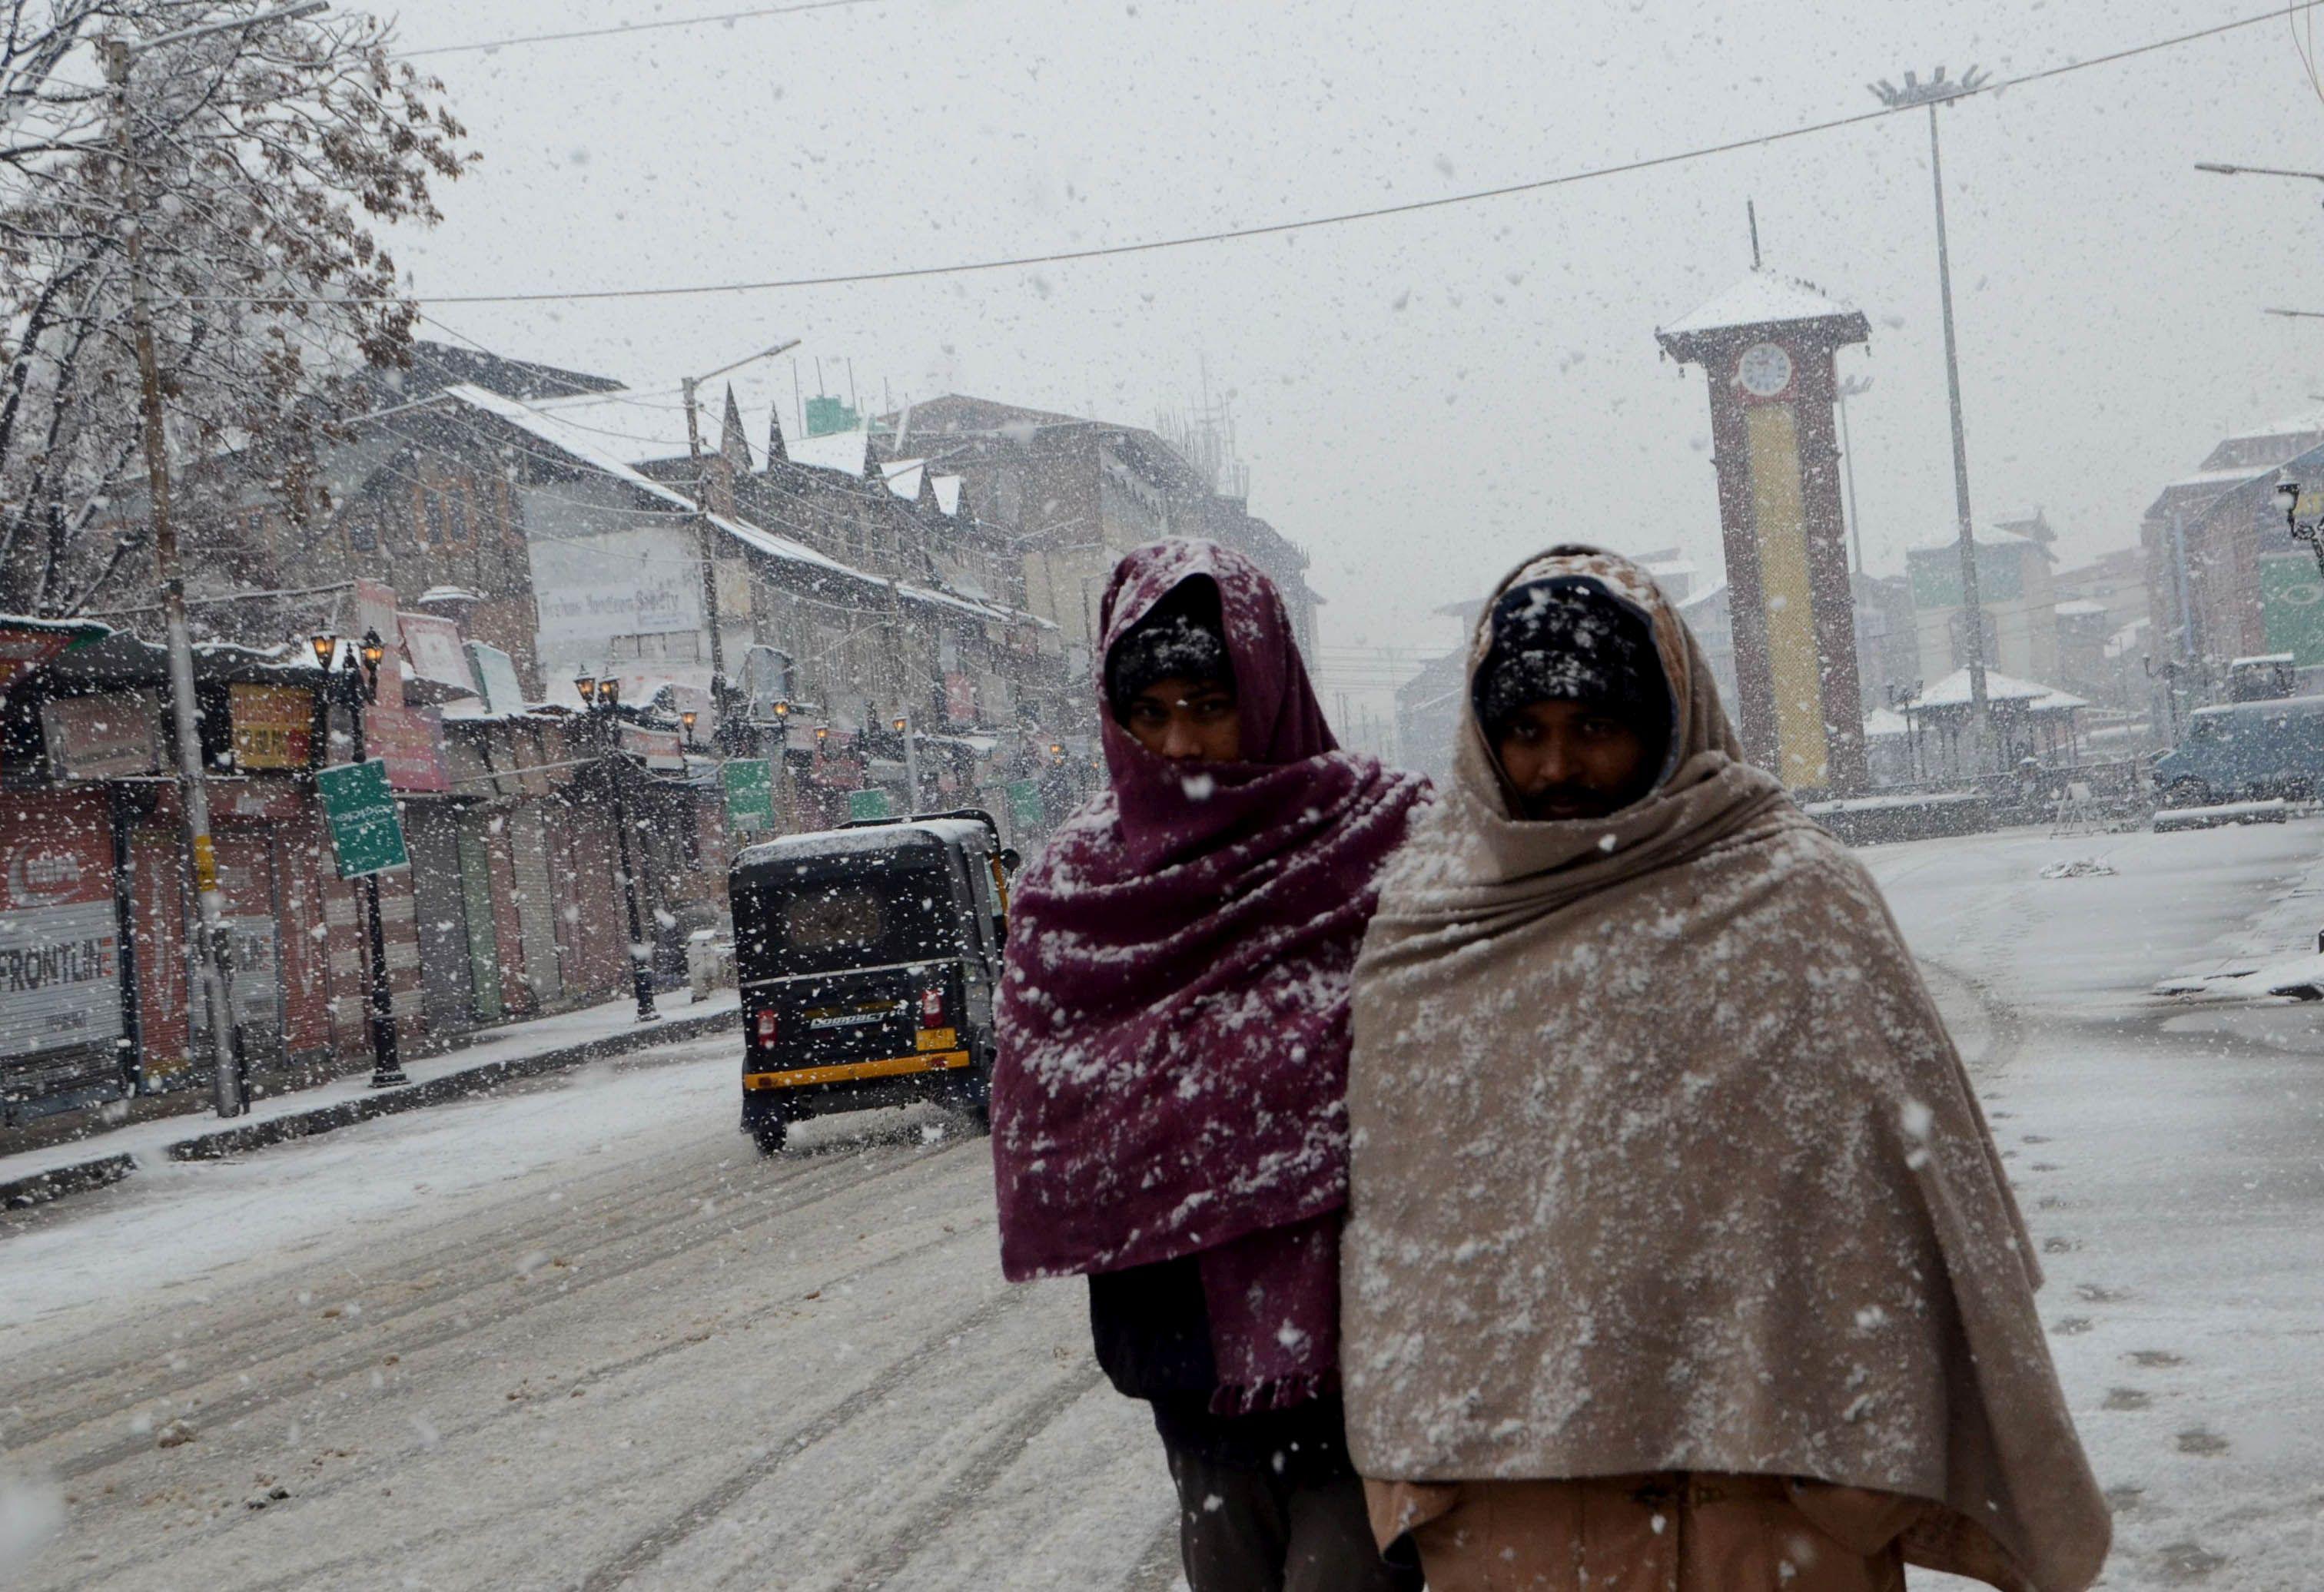 Non-local workers walking at Lal Chowk amid snowfallKL image by Bilal Bahadur